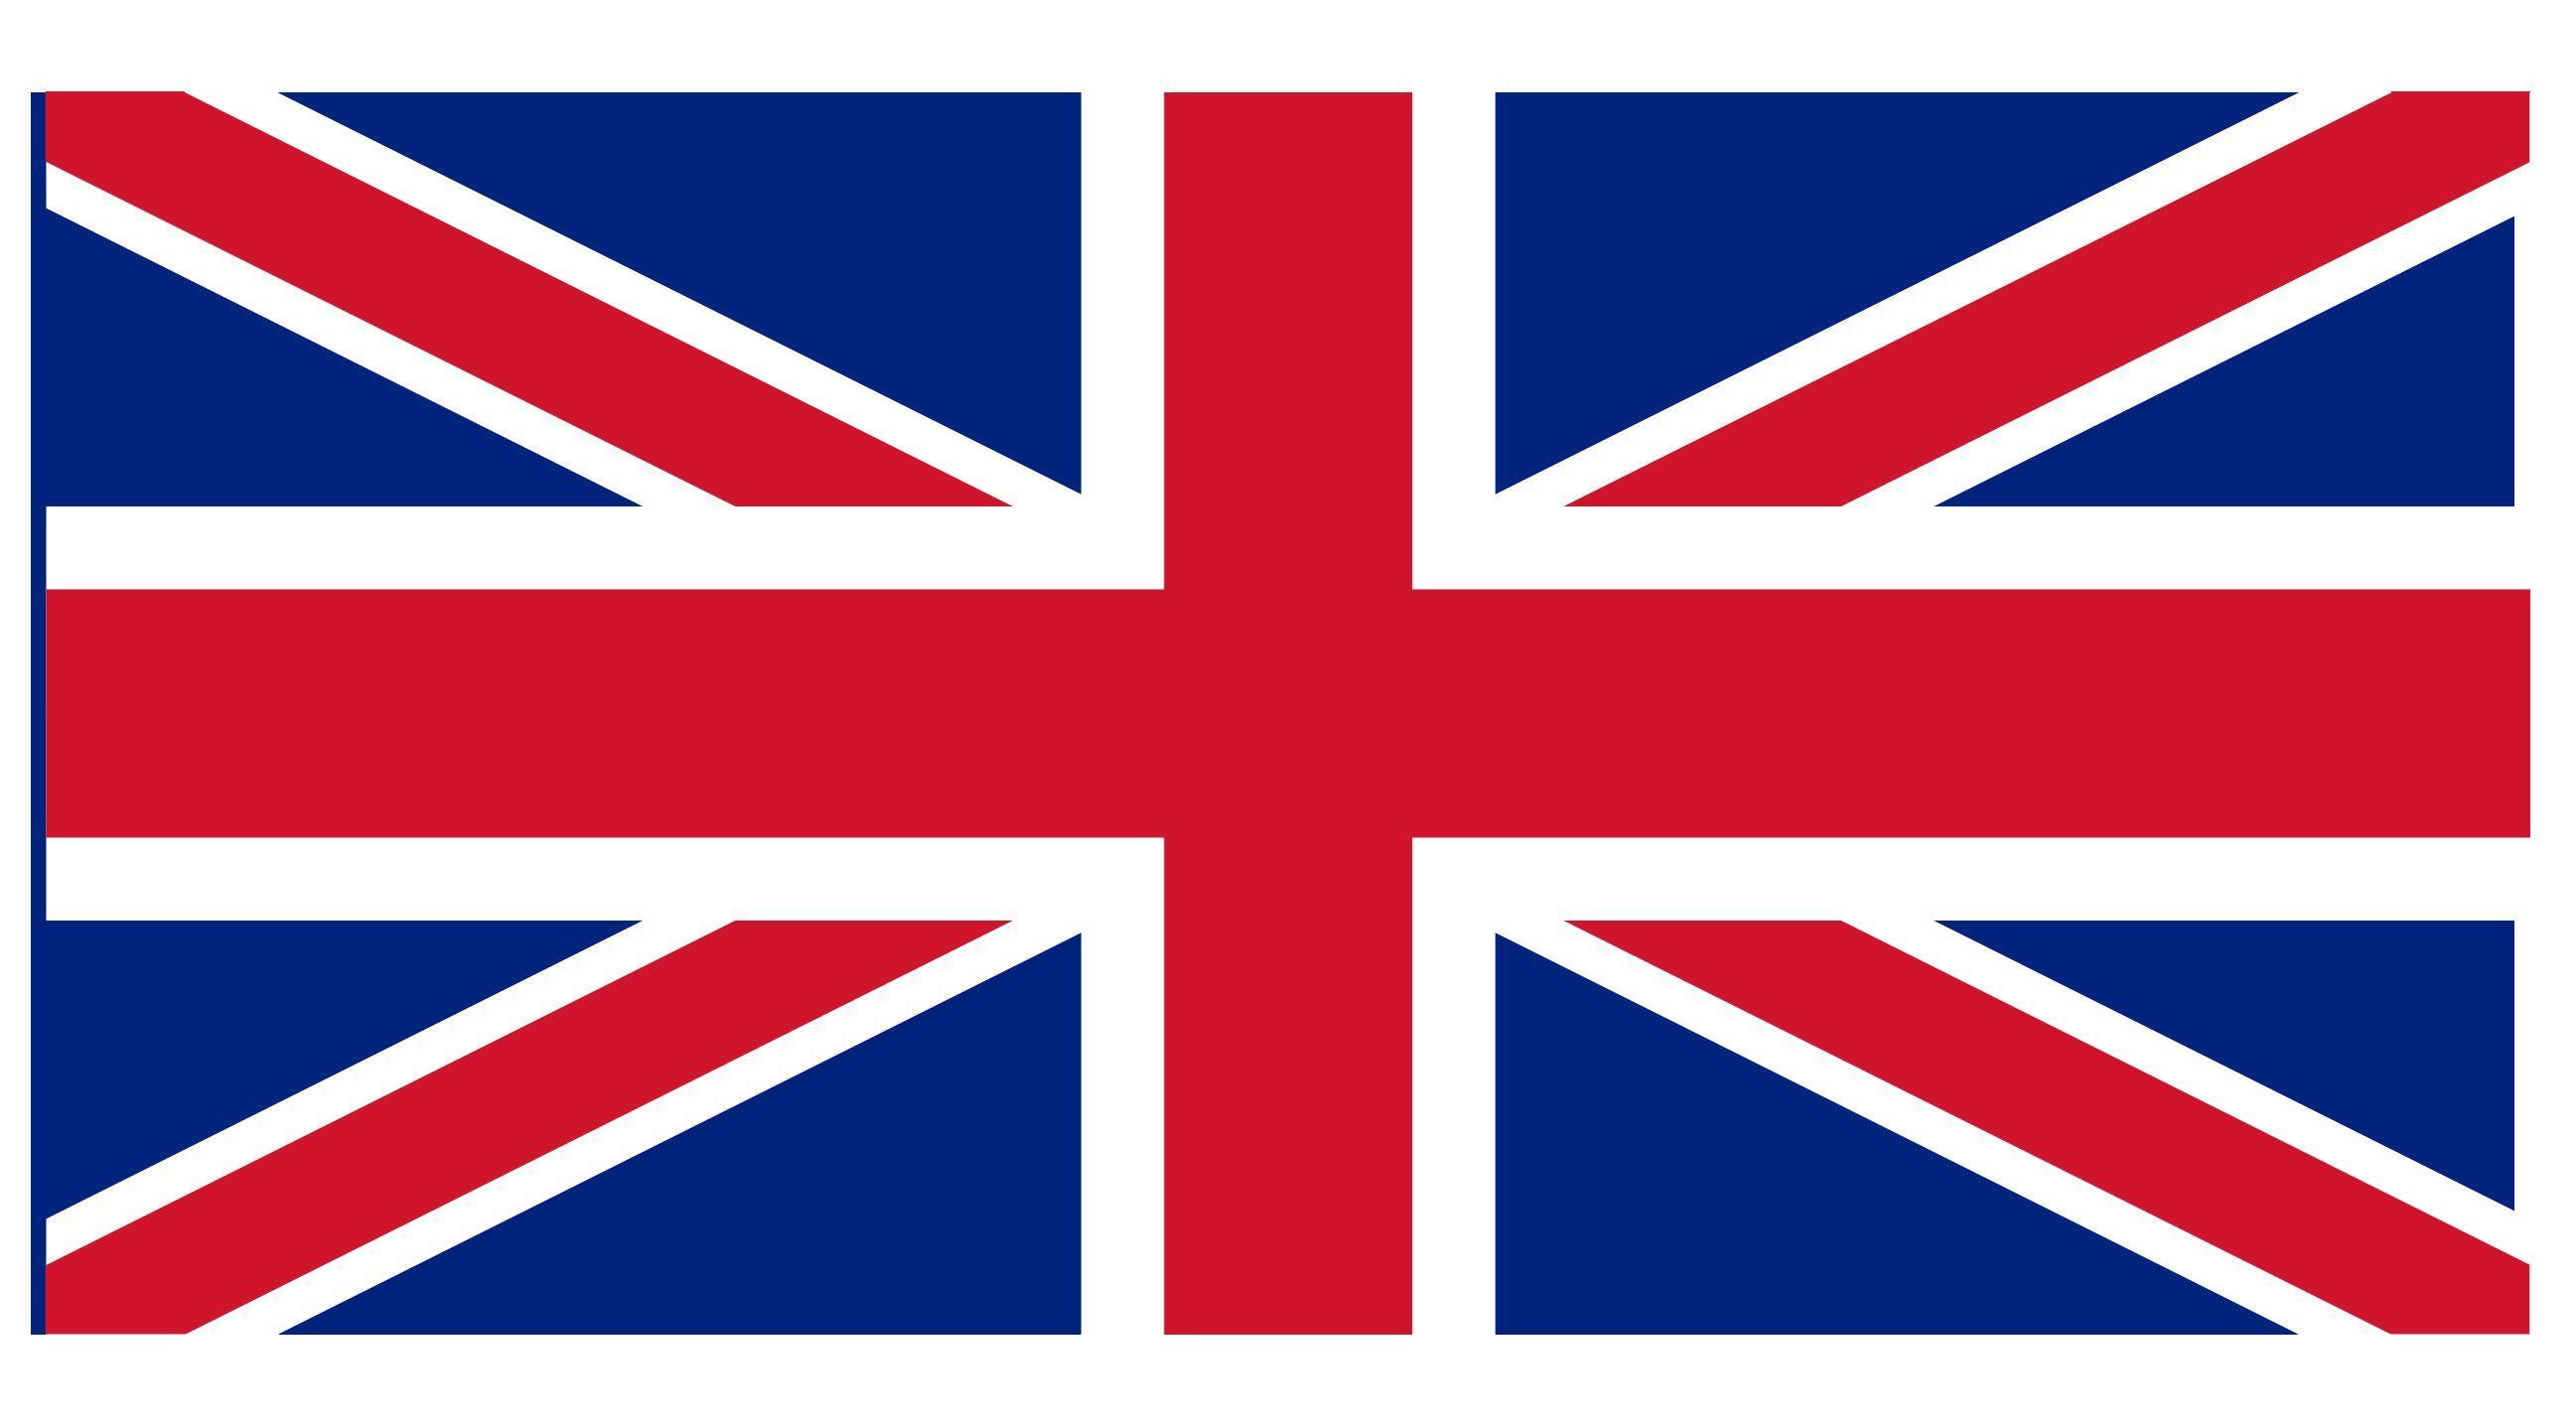 8210 - Películas Inglesas. ¿Sabrías reconocerlas?